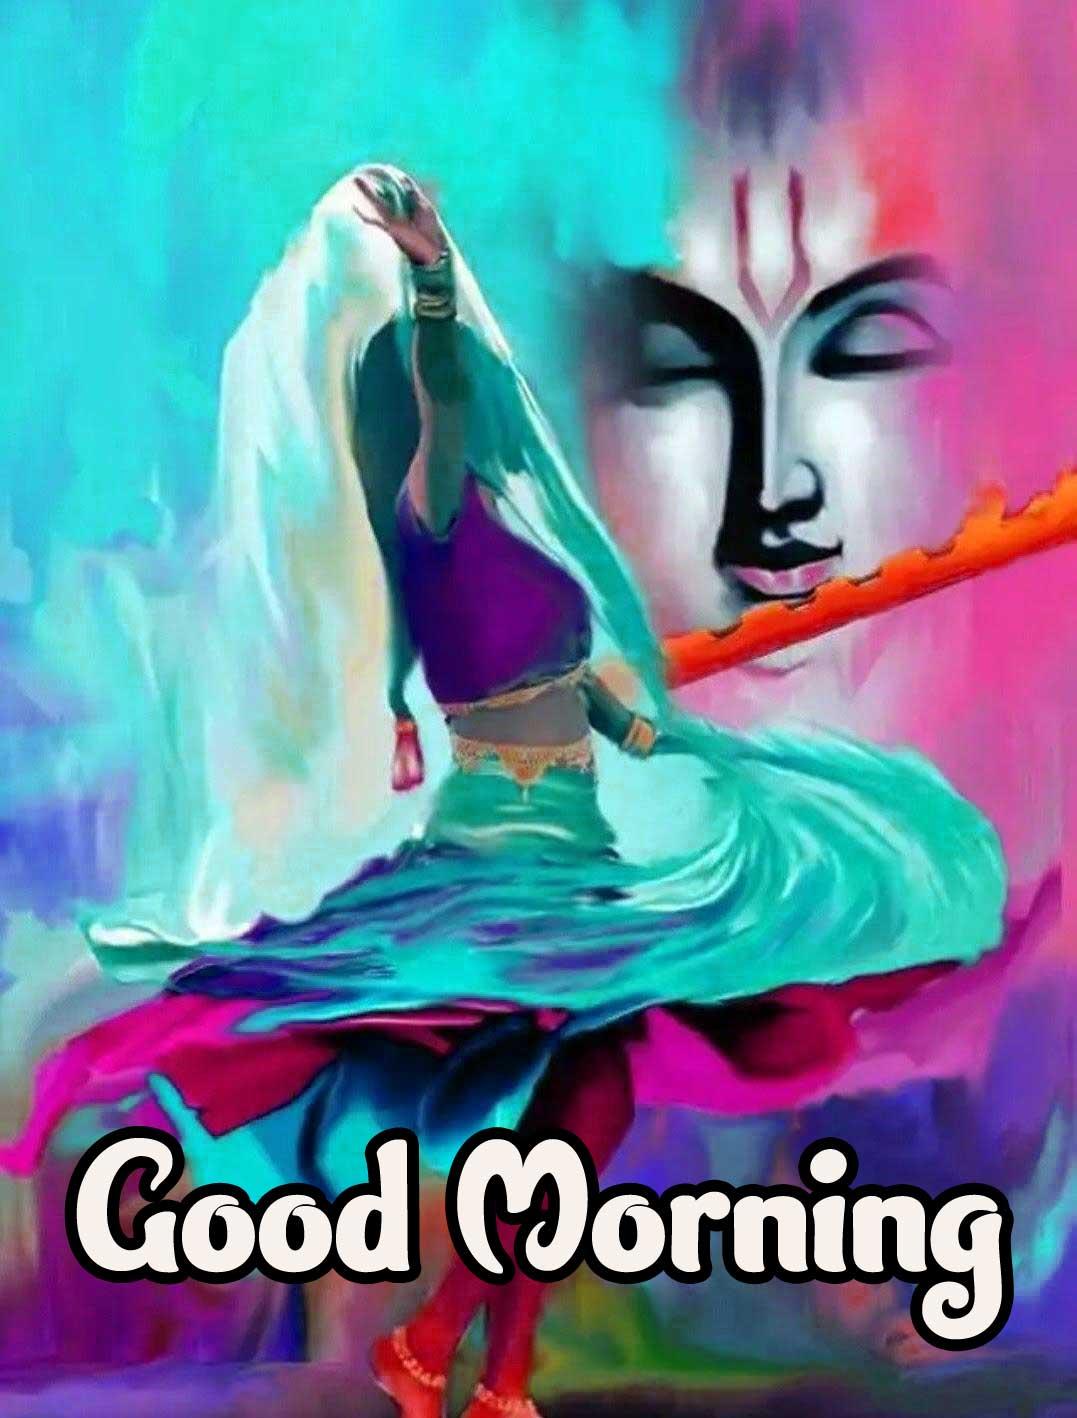 Good Morning Wallpaper Pics HD Download